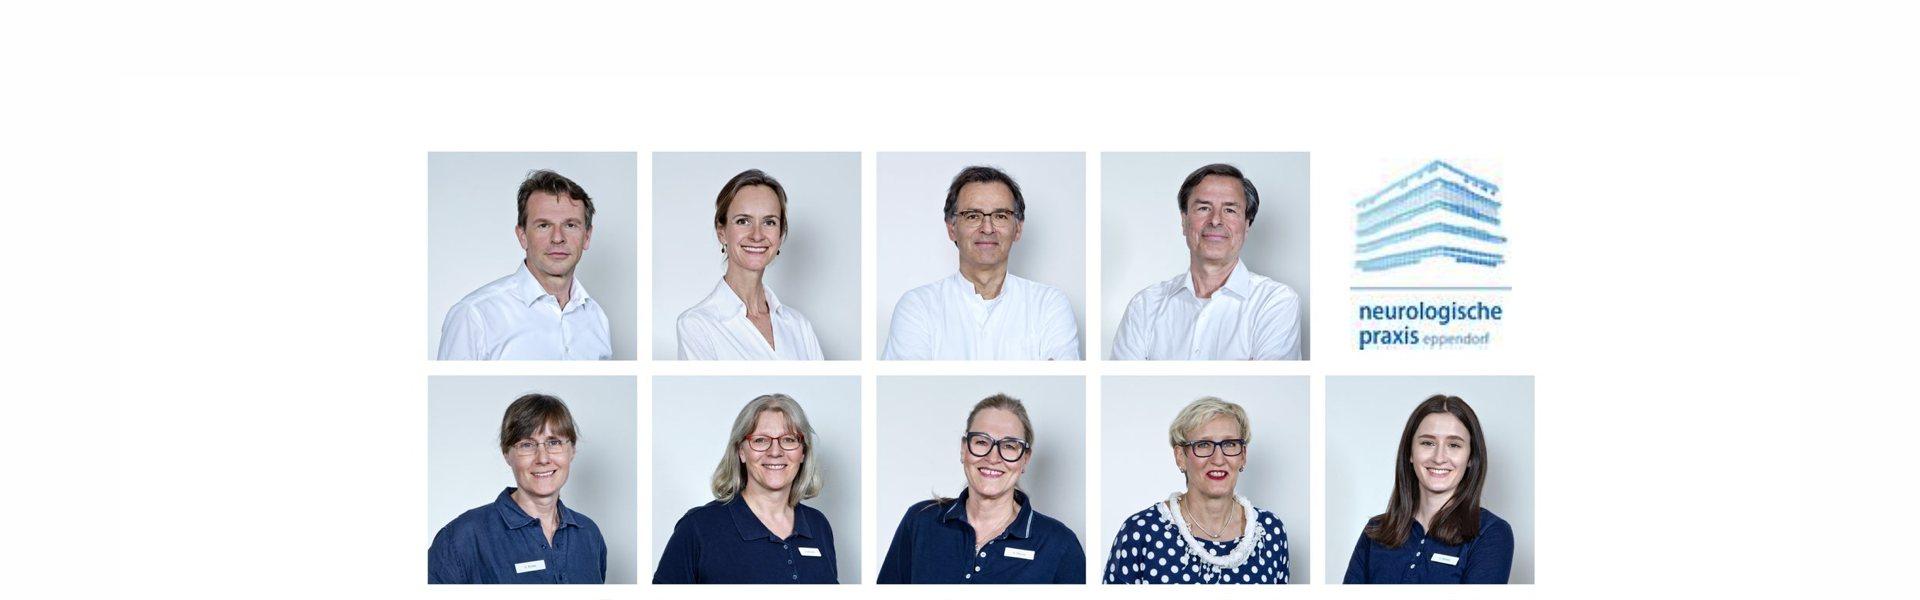 Neurologische Praxis - Unser Team